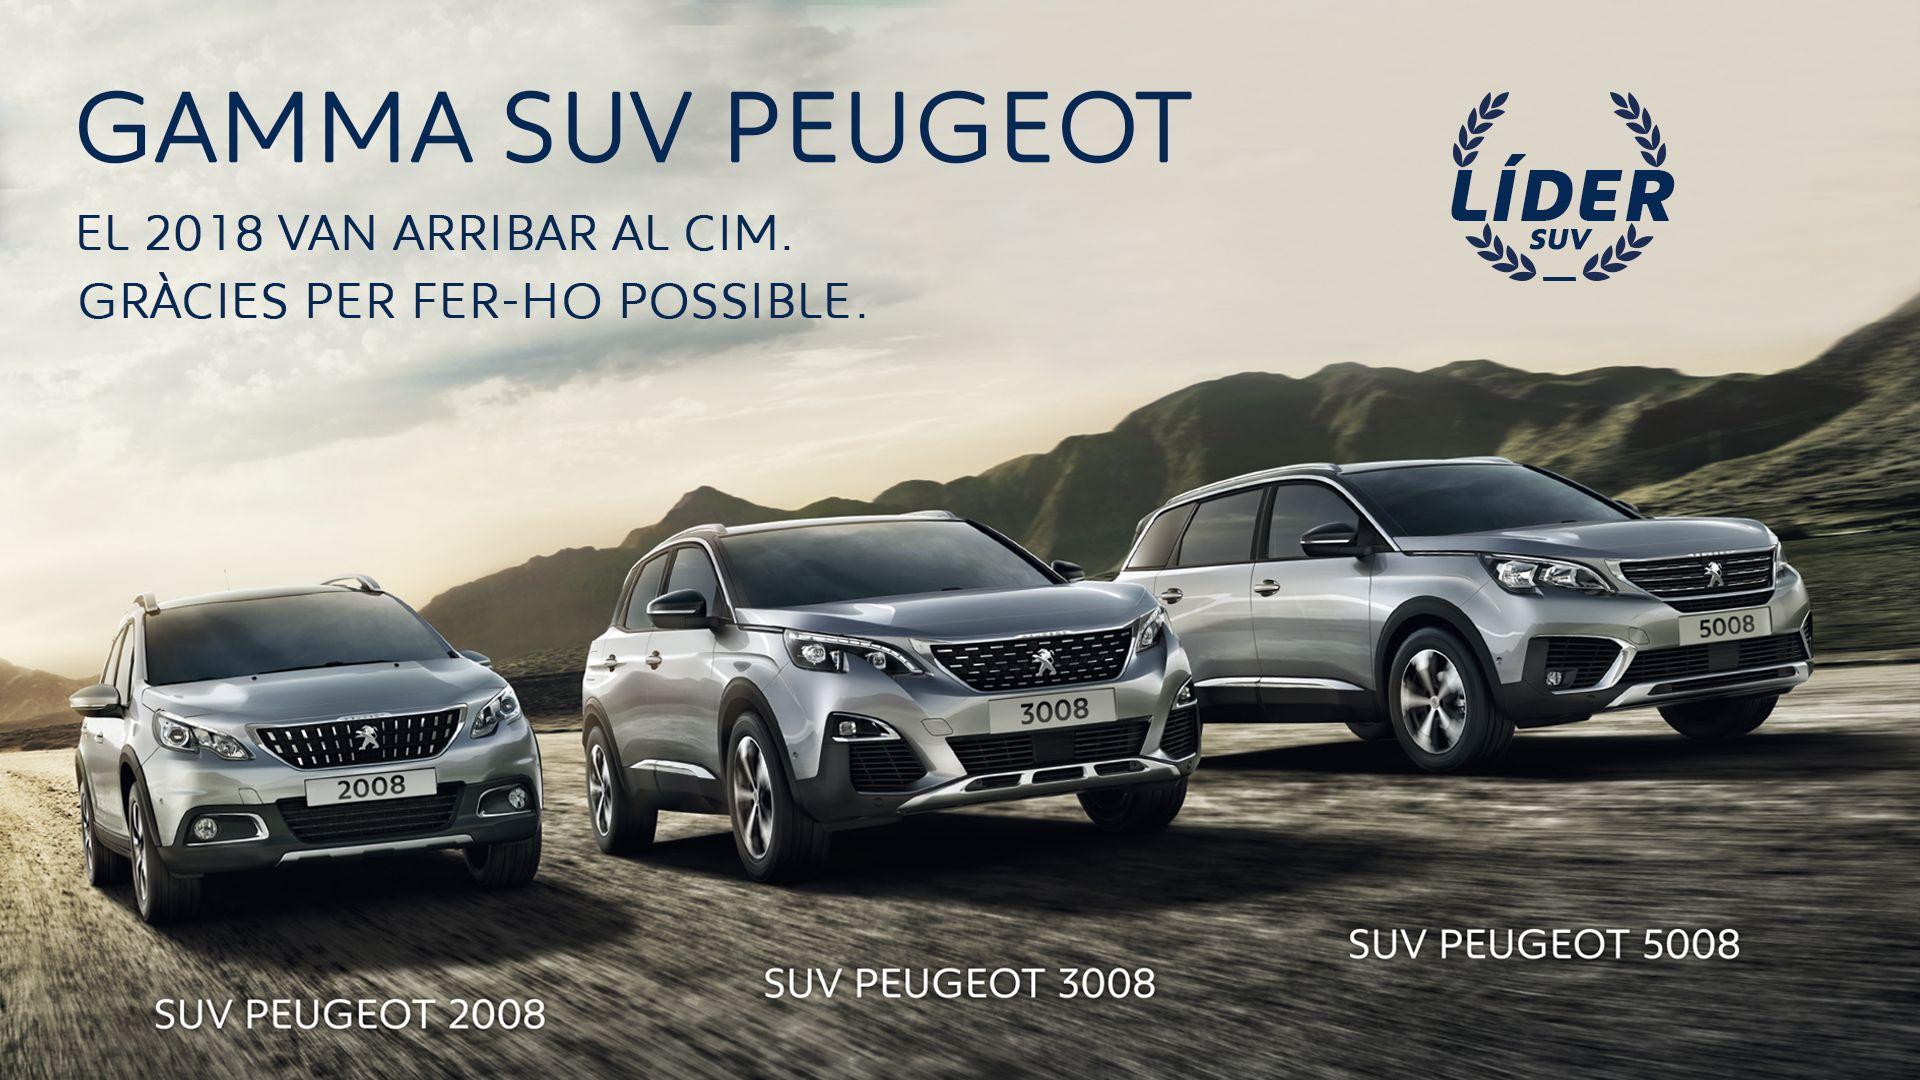 Peugeot tanca l'any com a líder del mercat SUV